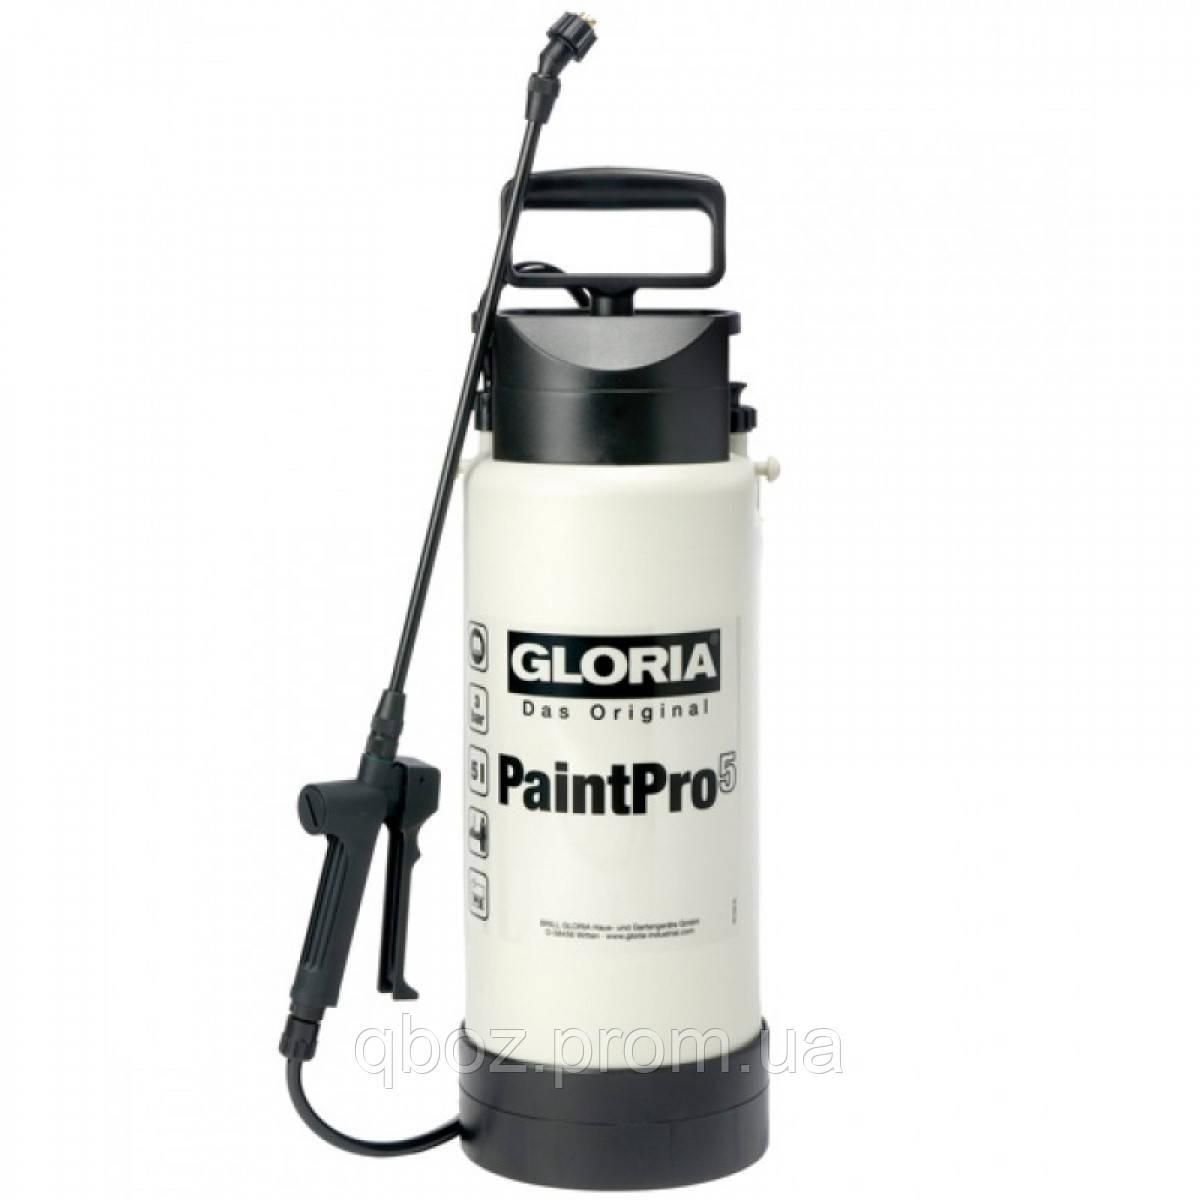 Опрыскиватель GLORIA PaintPro 5 маслоустойчивый, 5 л